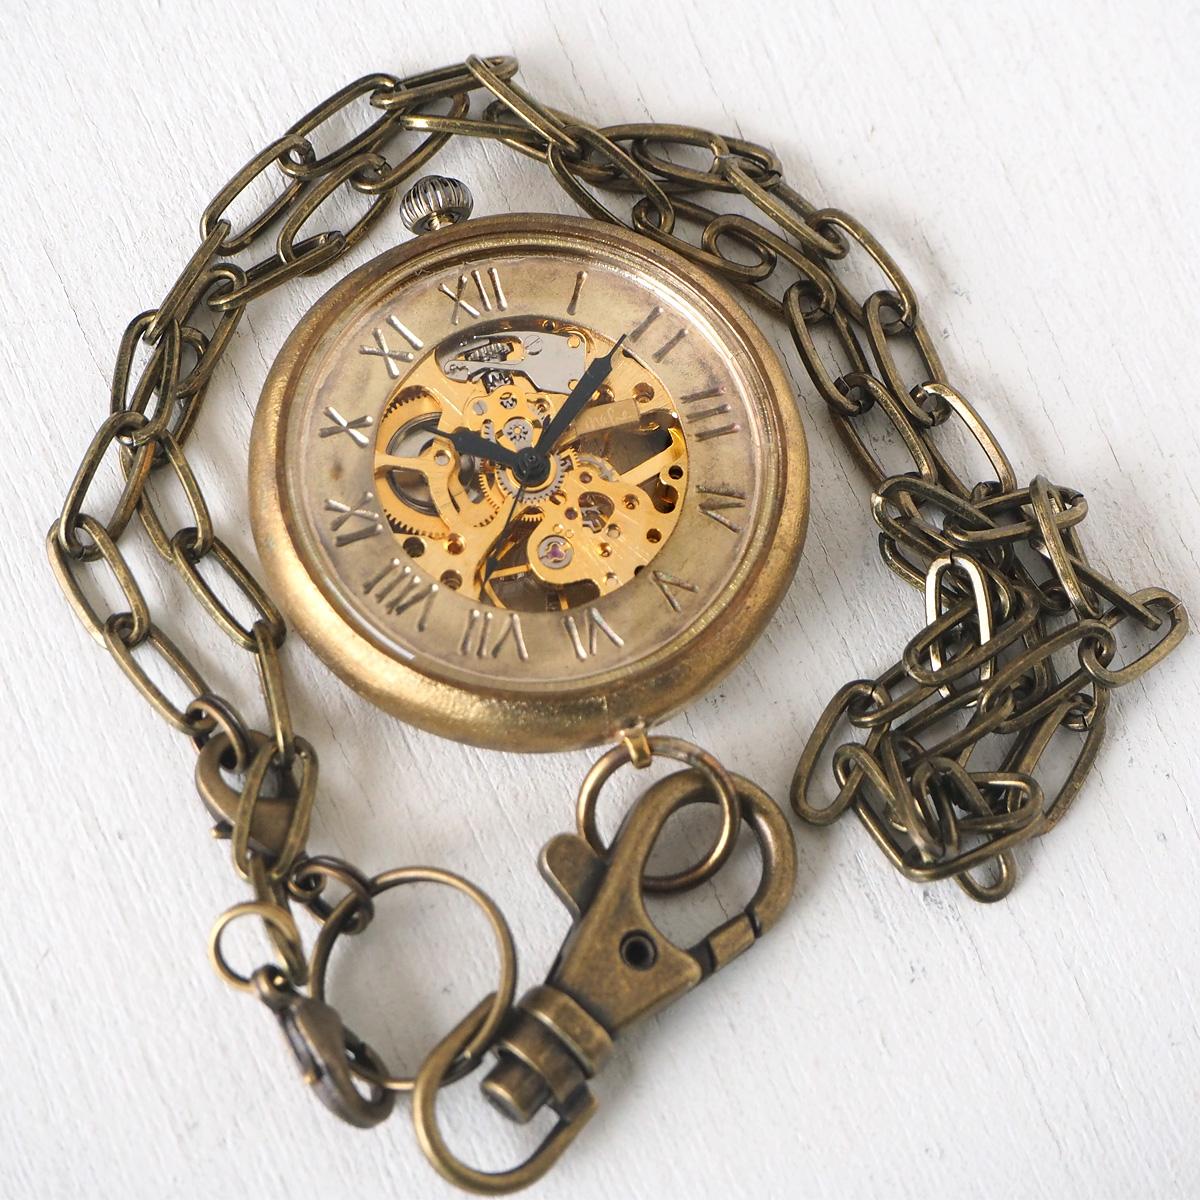 渡辺工房 手作り懐中時計 手巻き裏スケルトン ジャンボブラス 甲丸ケース 真鍮チェーン [NW-BHW110]